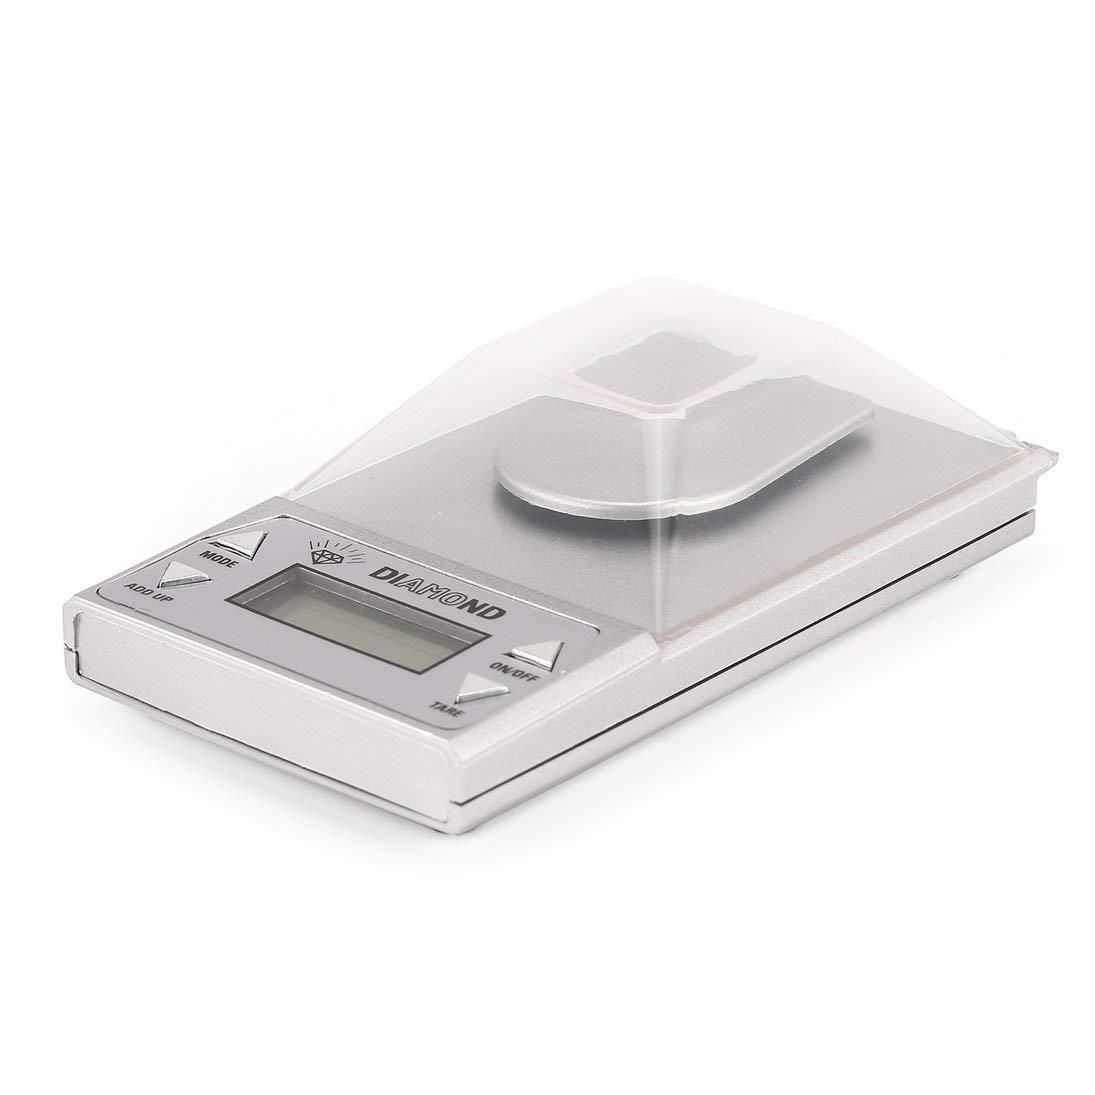 Báscula digital de alta precisión para joyería digital 50g x 0.001gLCD balanza dorada de laboratorio retroiluminación azul: Amazon.es: Salud y cuidado ...